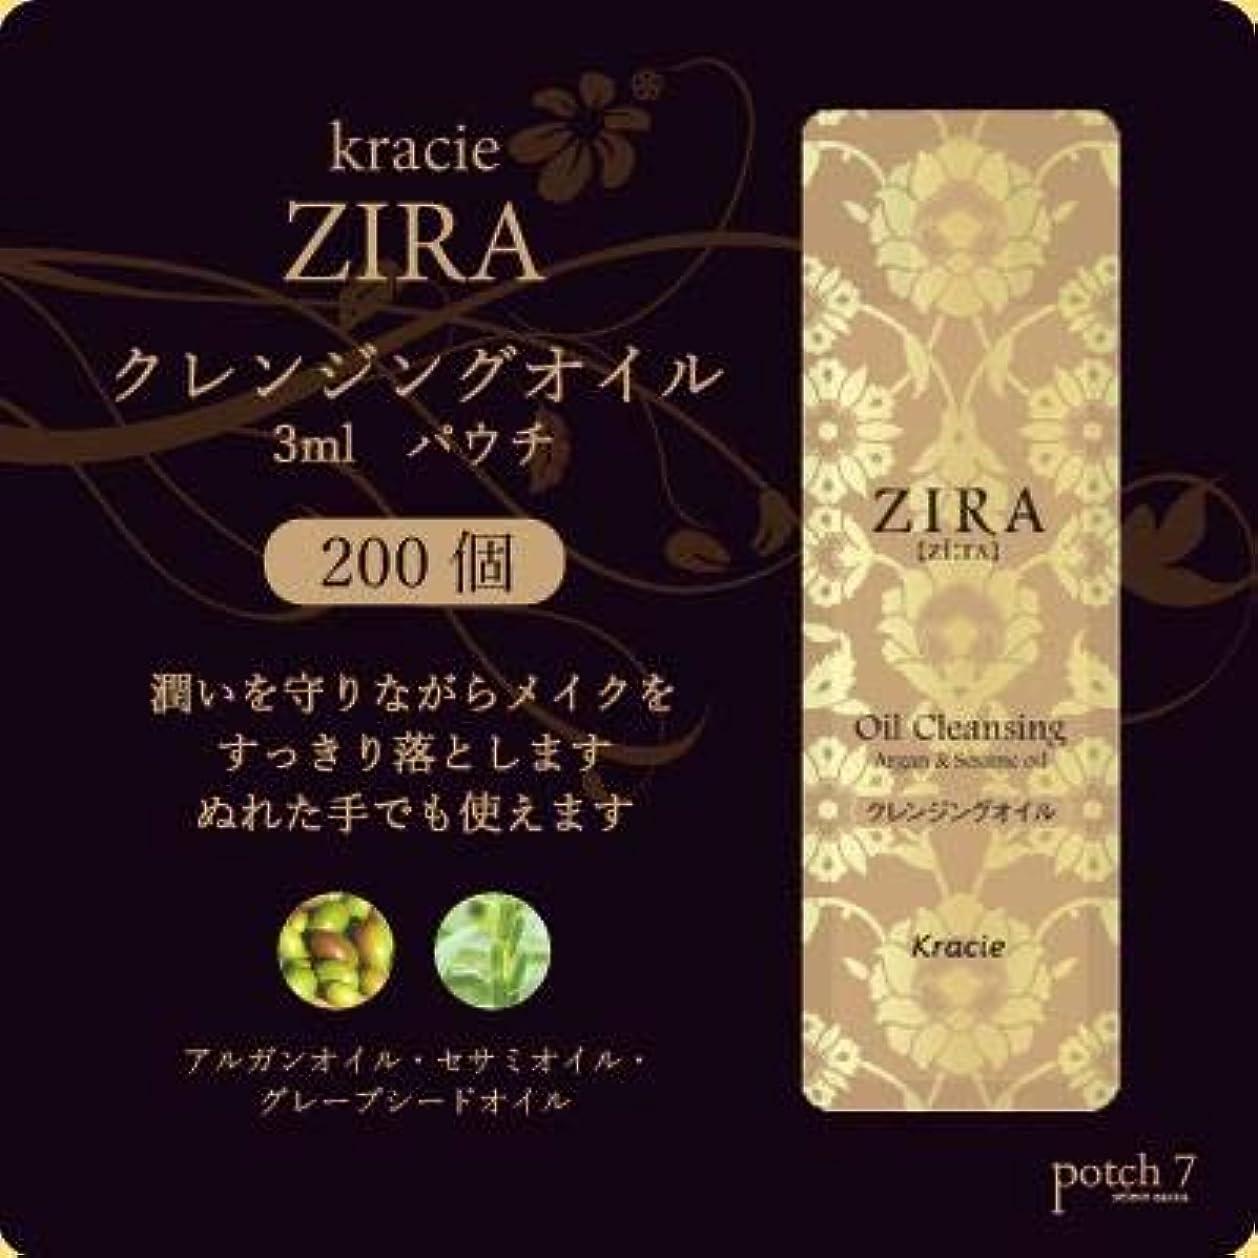 勝つスローガンインタネットを見るKracie クラシエ ZIRA ジーラ クレンジングオイル パウチ 3ml 200個入